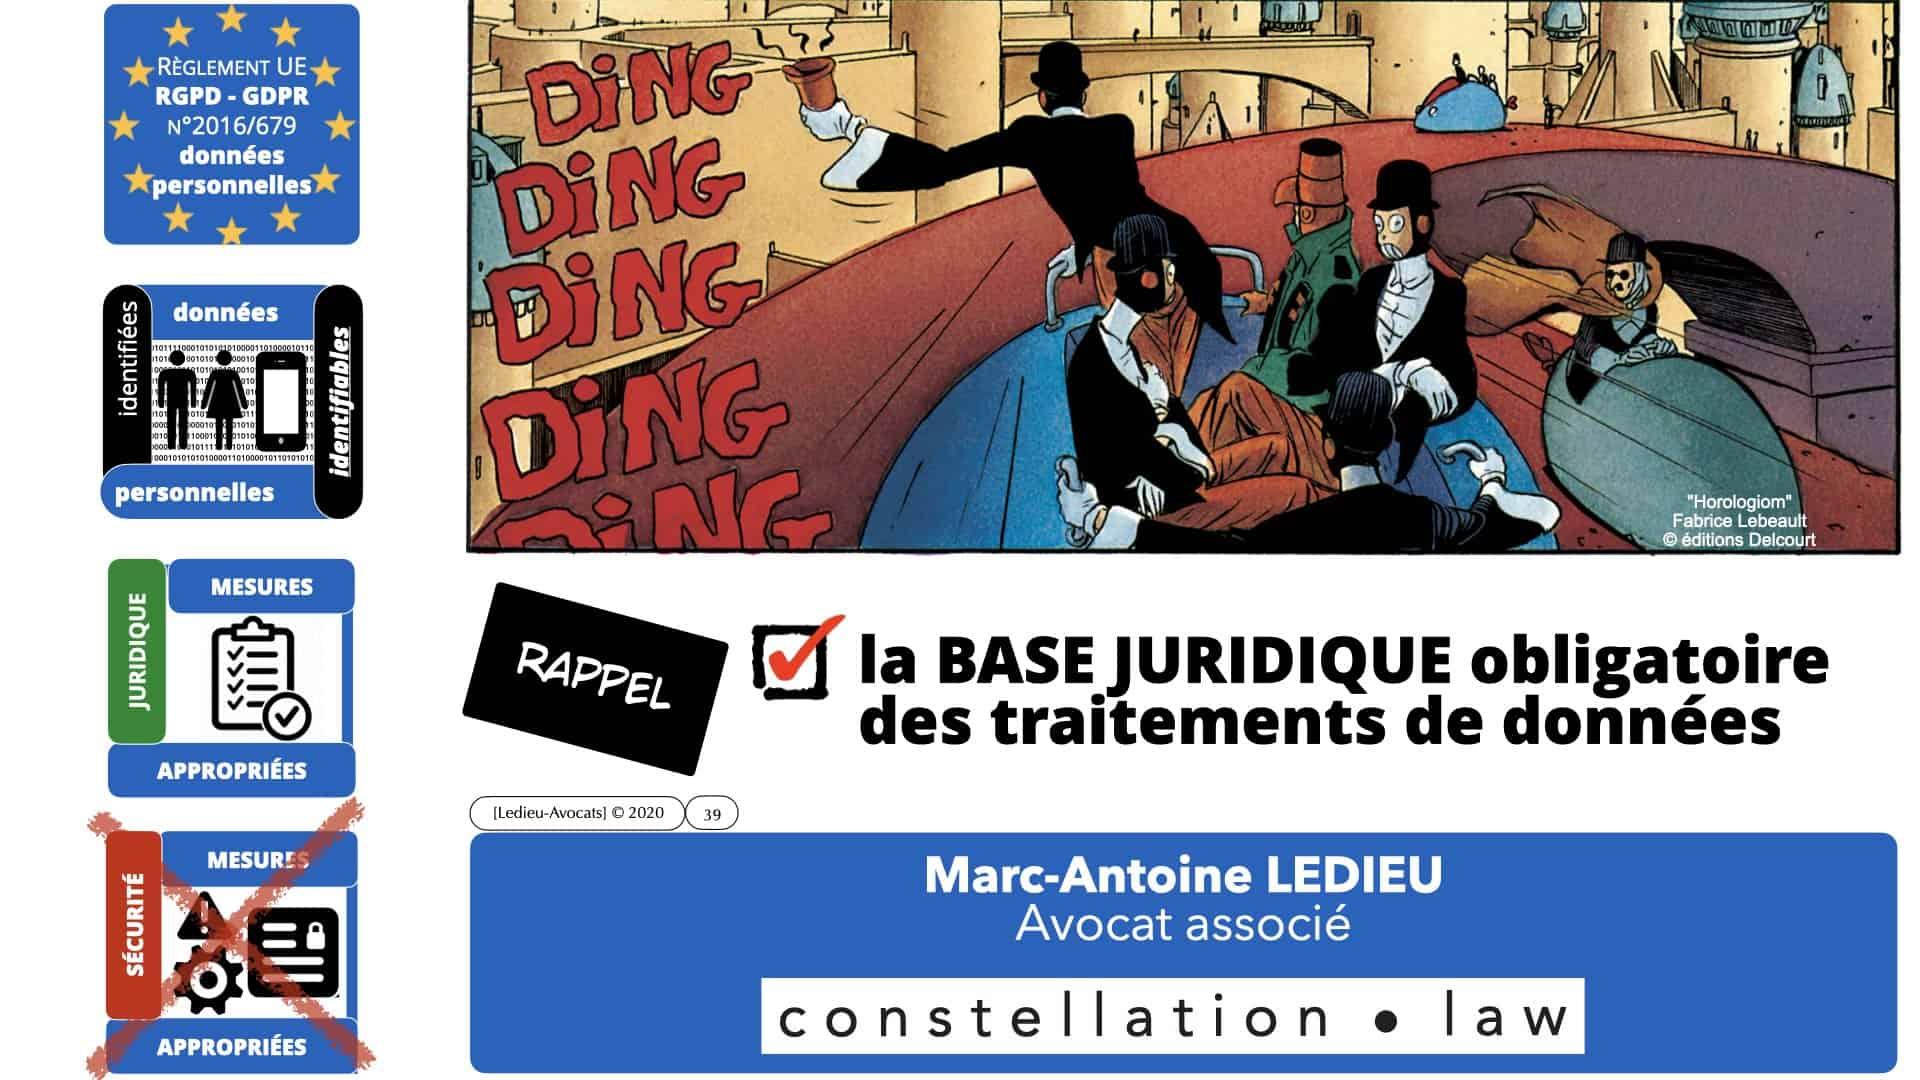 RGPD délibération CNIL Spartoo du 28 juillet 2020 n°SAN 2020-003 *16:9* ©Ledieu-Avocats 19-09-2020.039